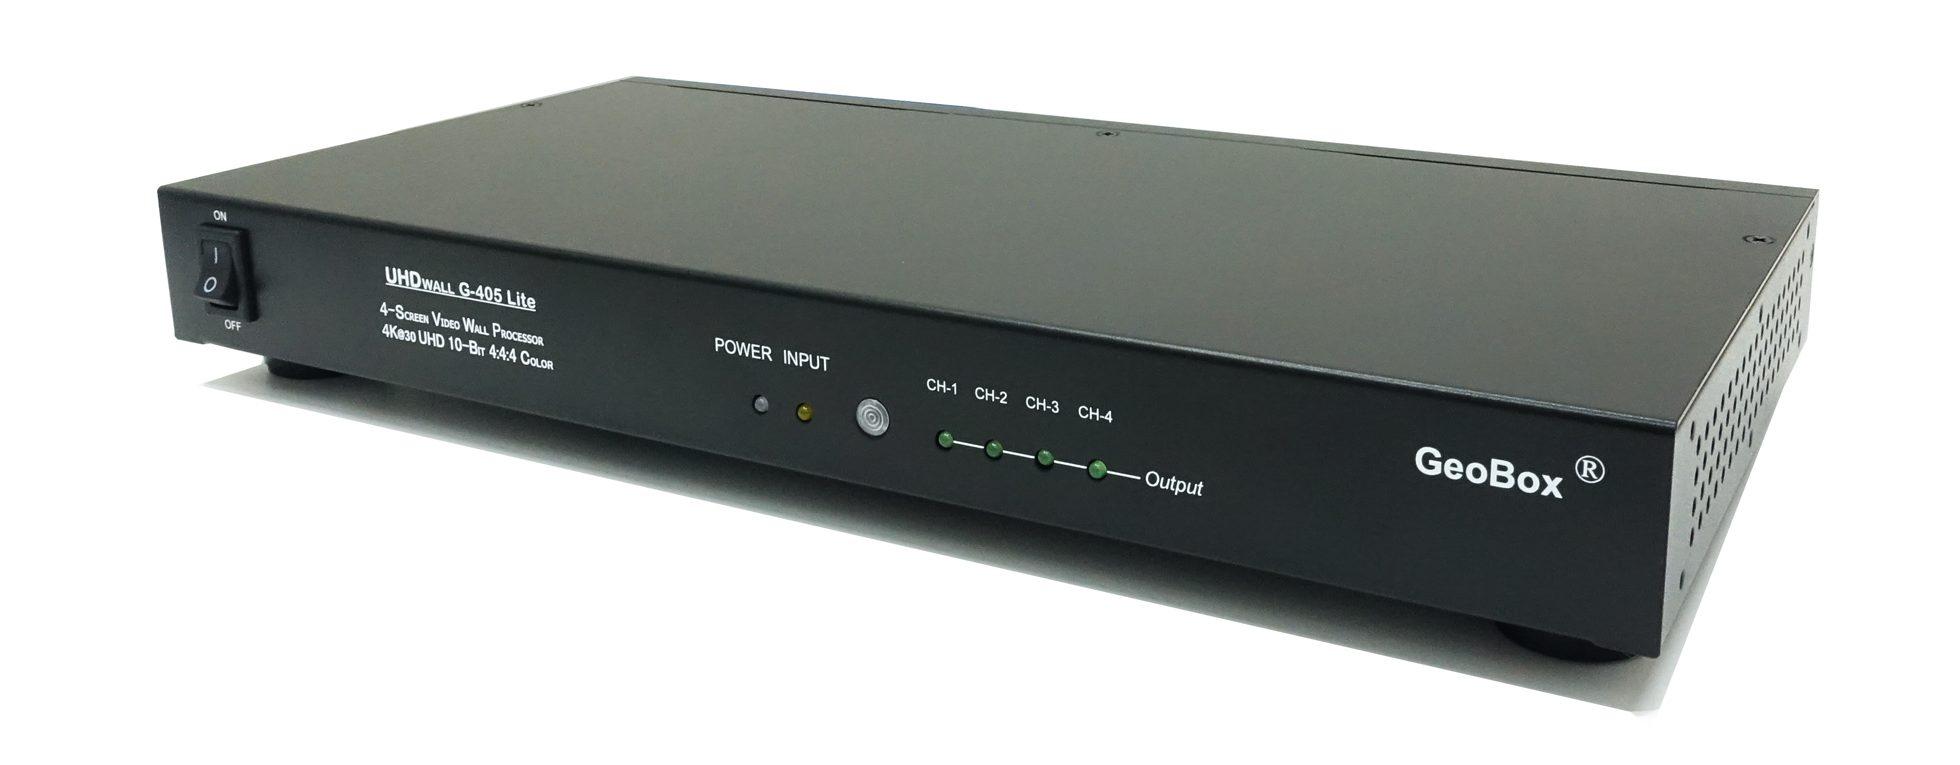 GeoBox G405L 4K/30Pマルチディスプレイコントローラー